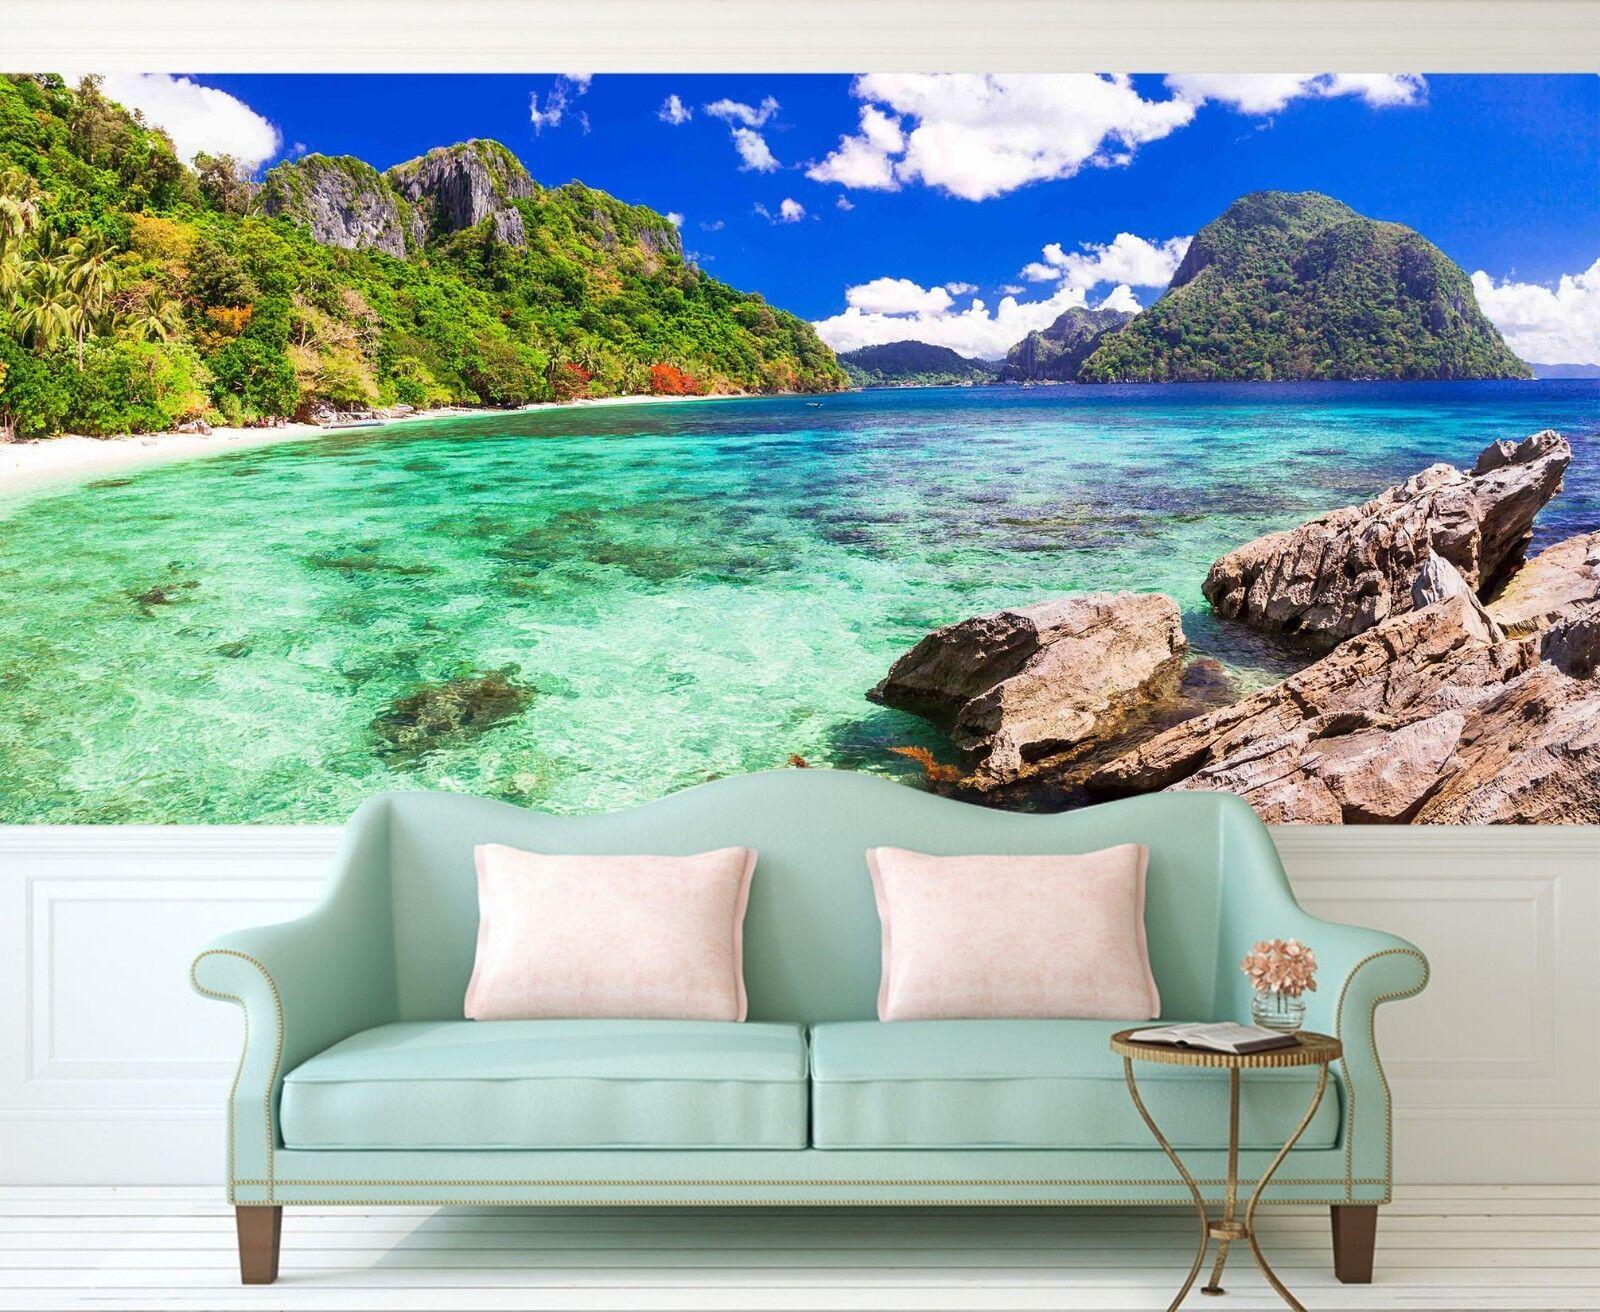 3D Reef Sea Nature 713 Wallpaper Mural Wall Print Wall Wallpaper Murals US Lemon